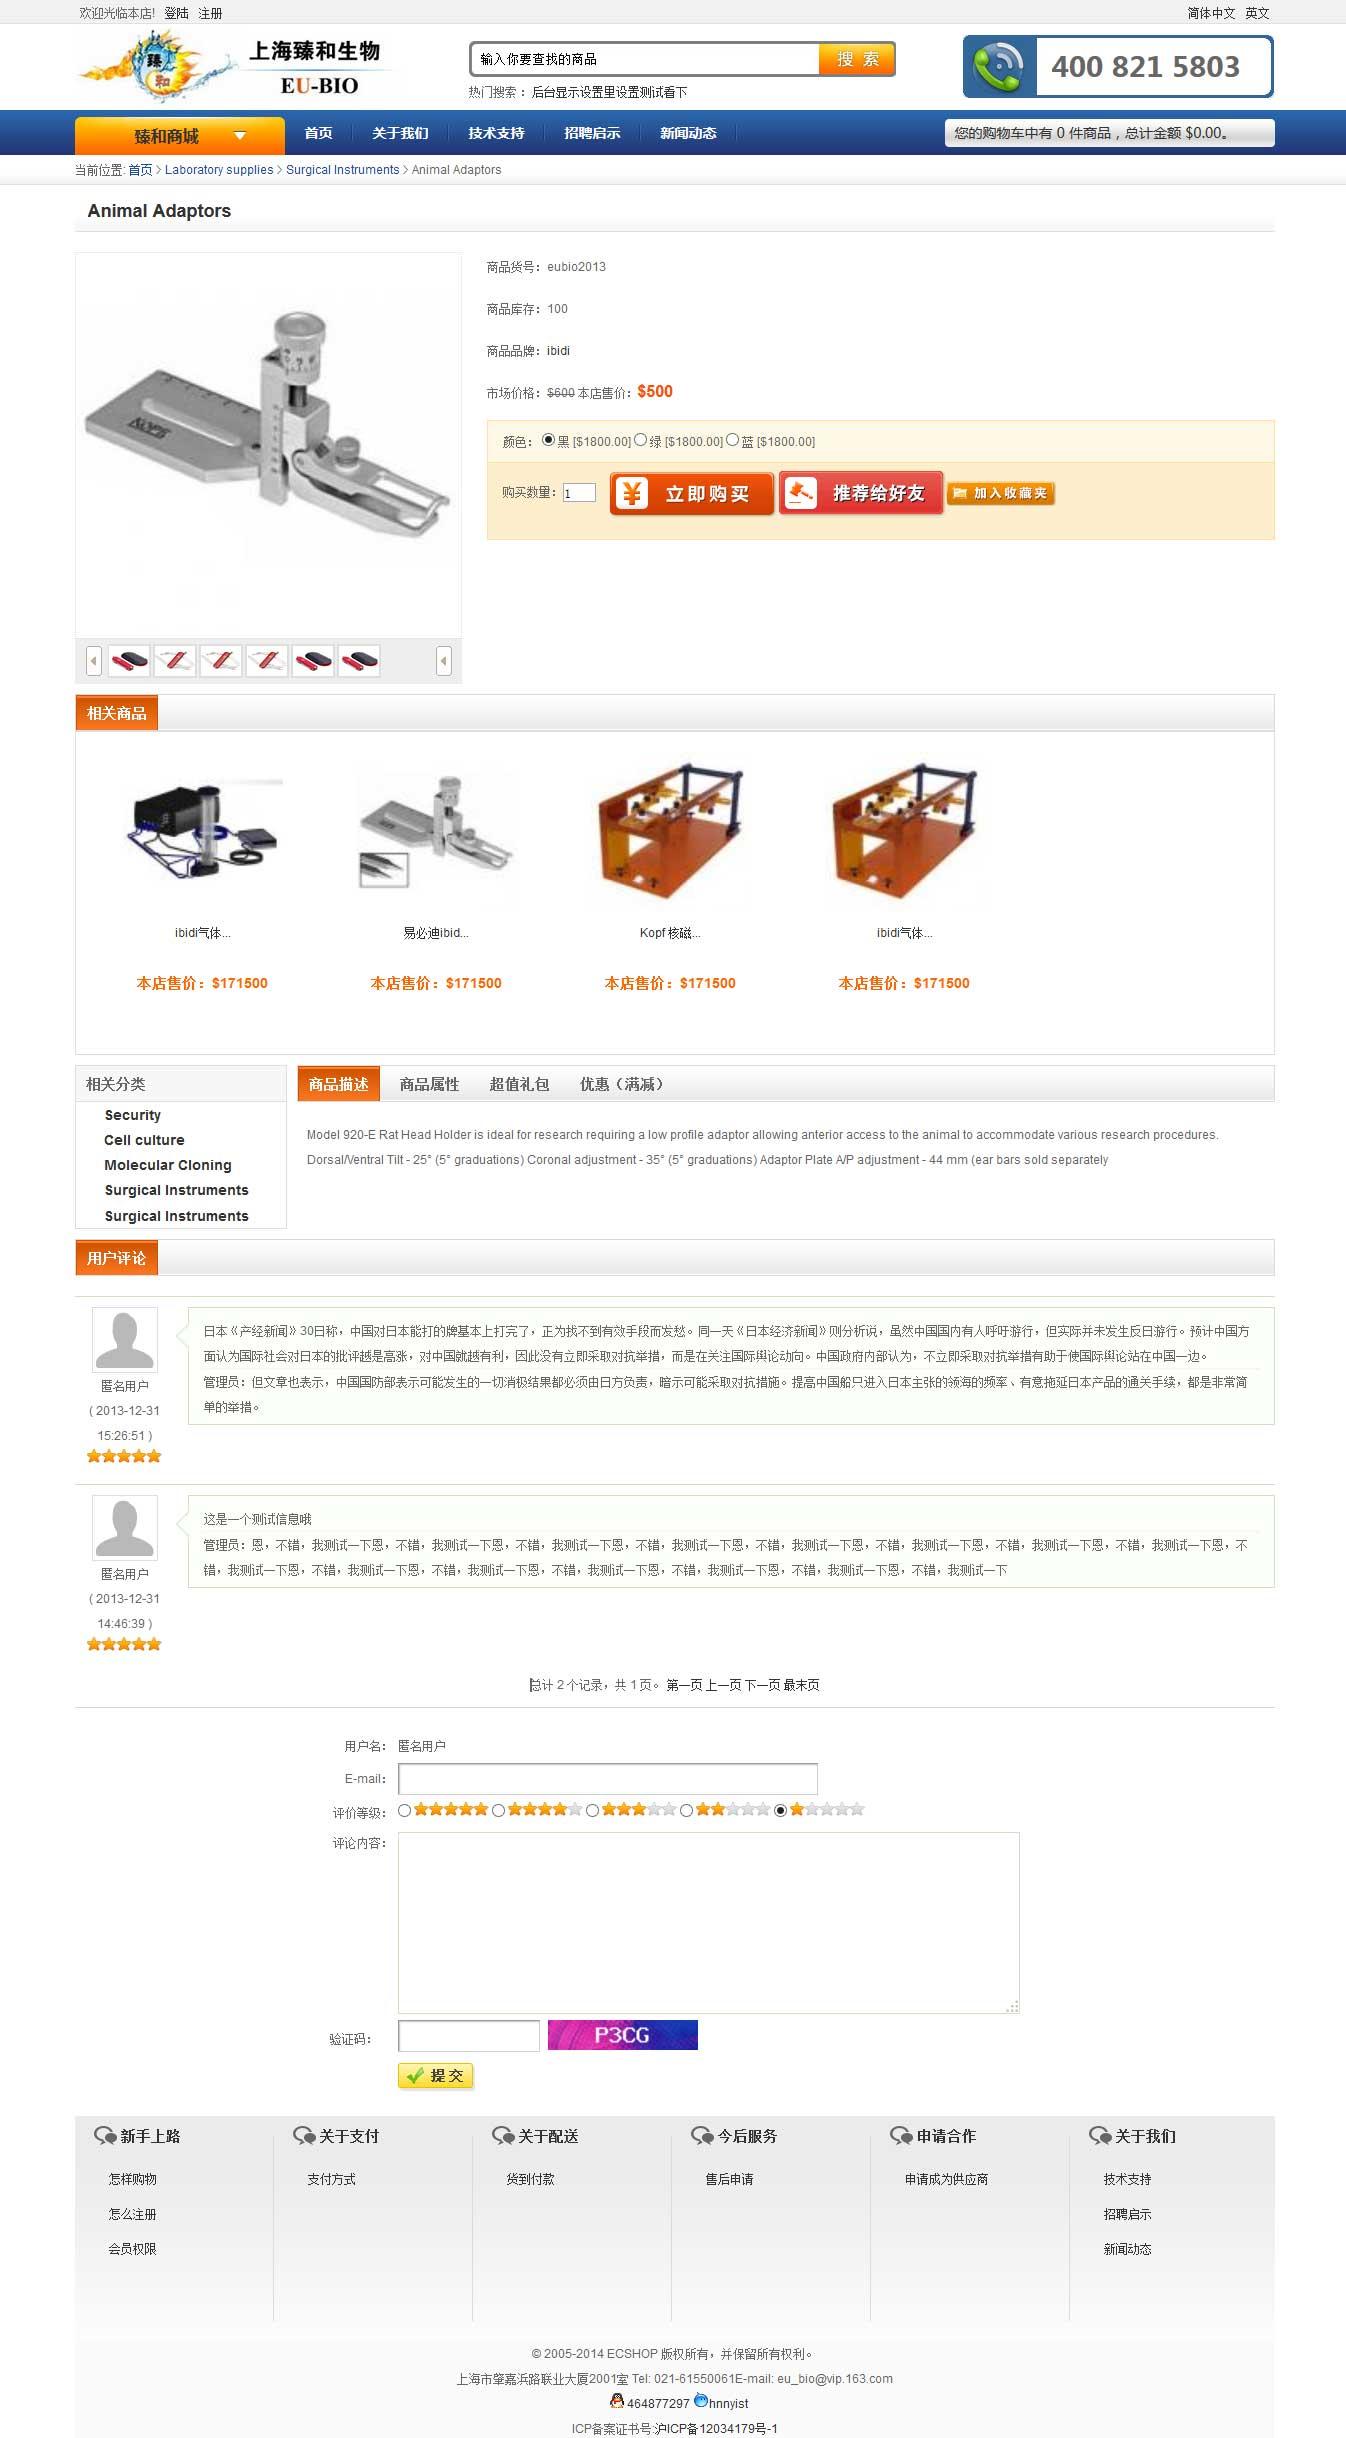 产品详细页面